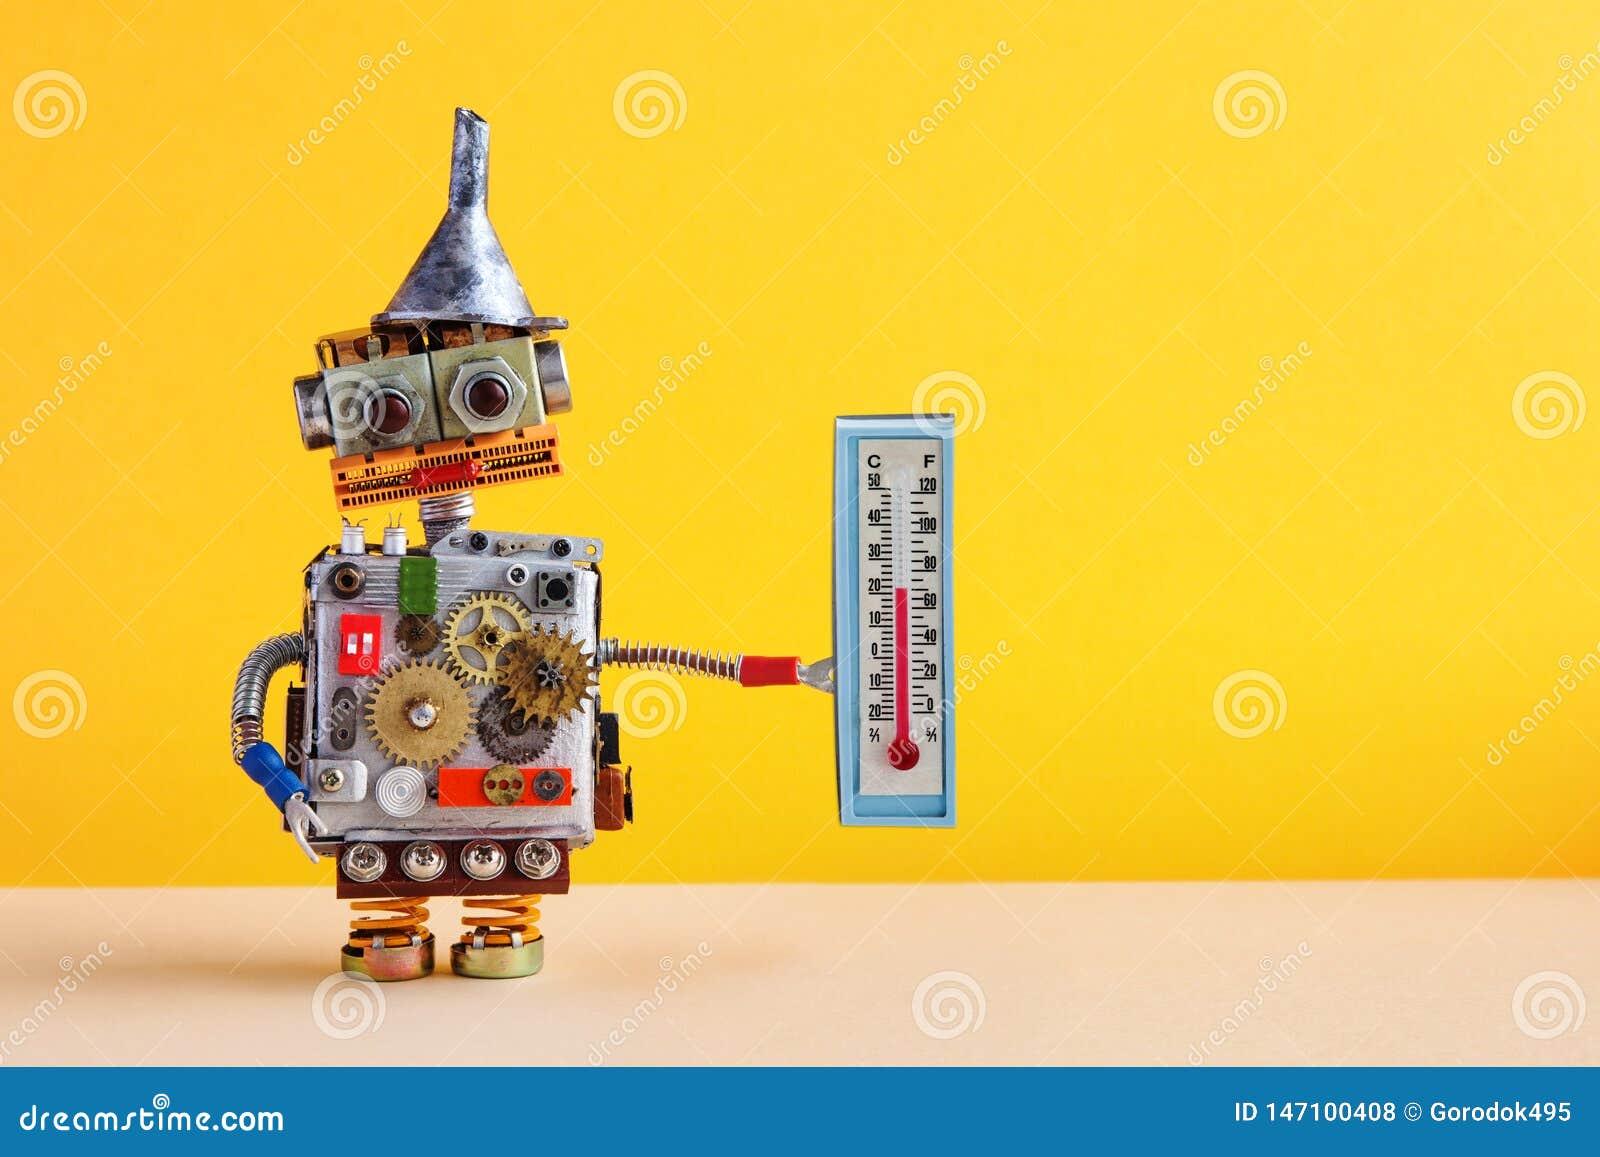 Robot de m?t?orologues avec le thermom?tre montrant le degr? Celsius de la temp?rature ambiante 21 de confort Concept de pr?visio